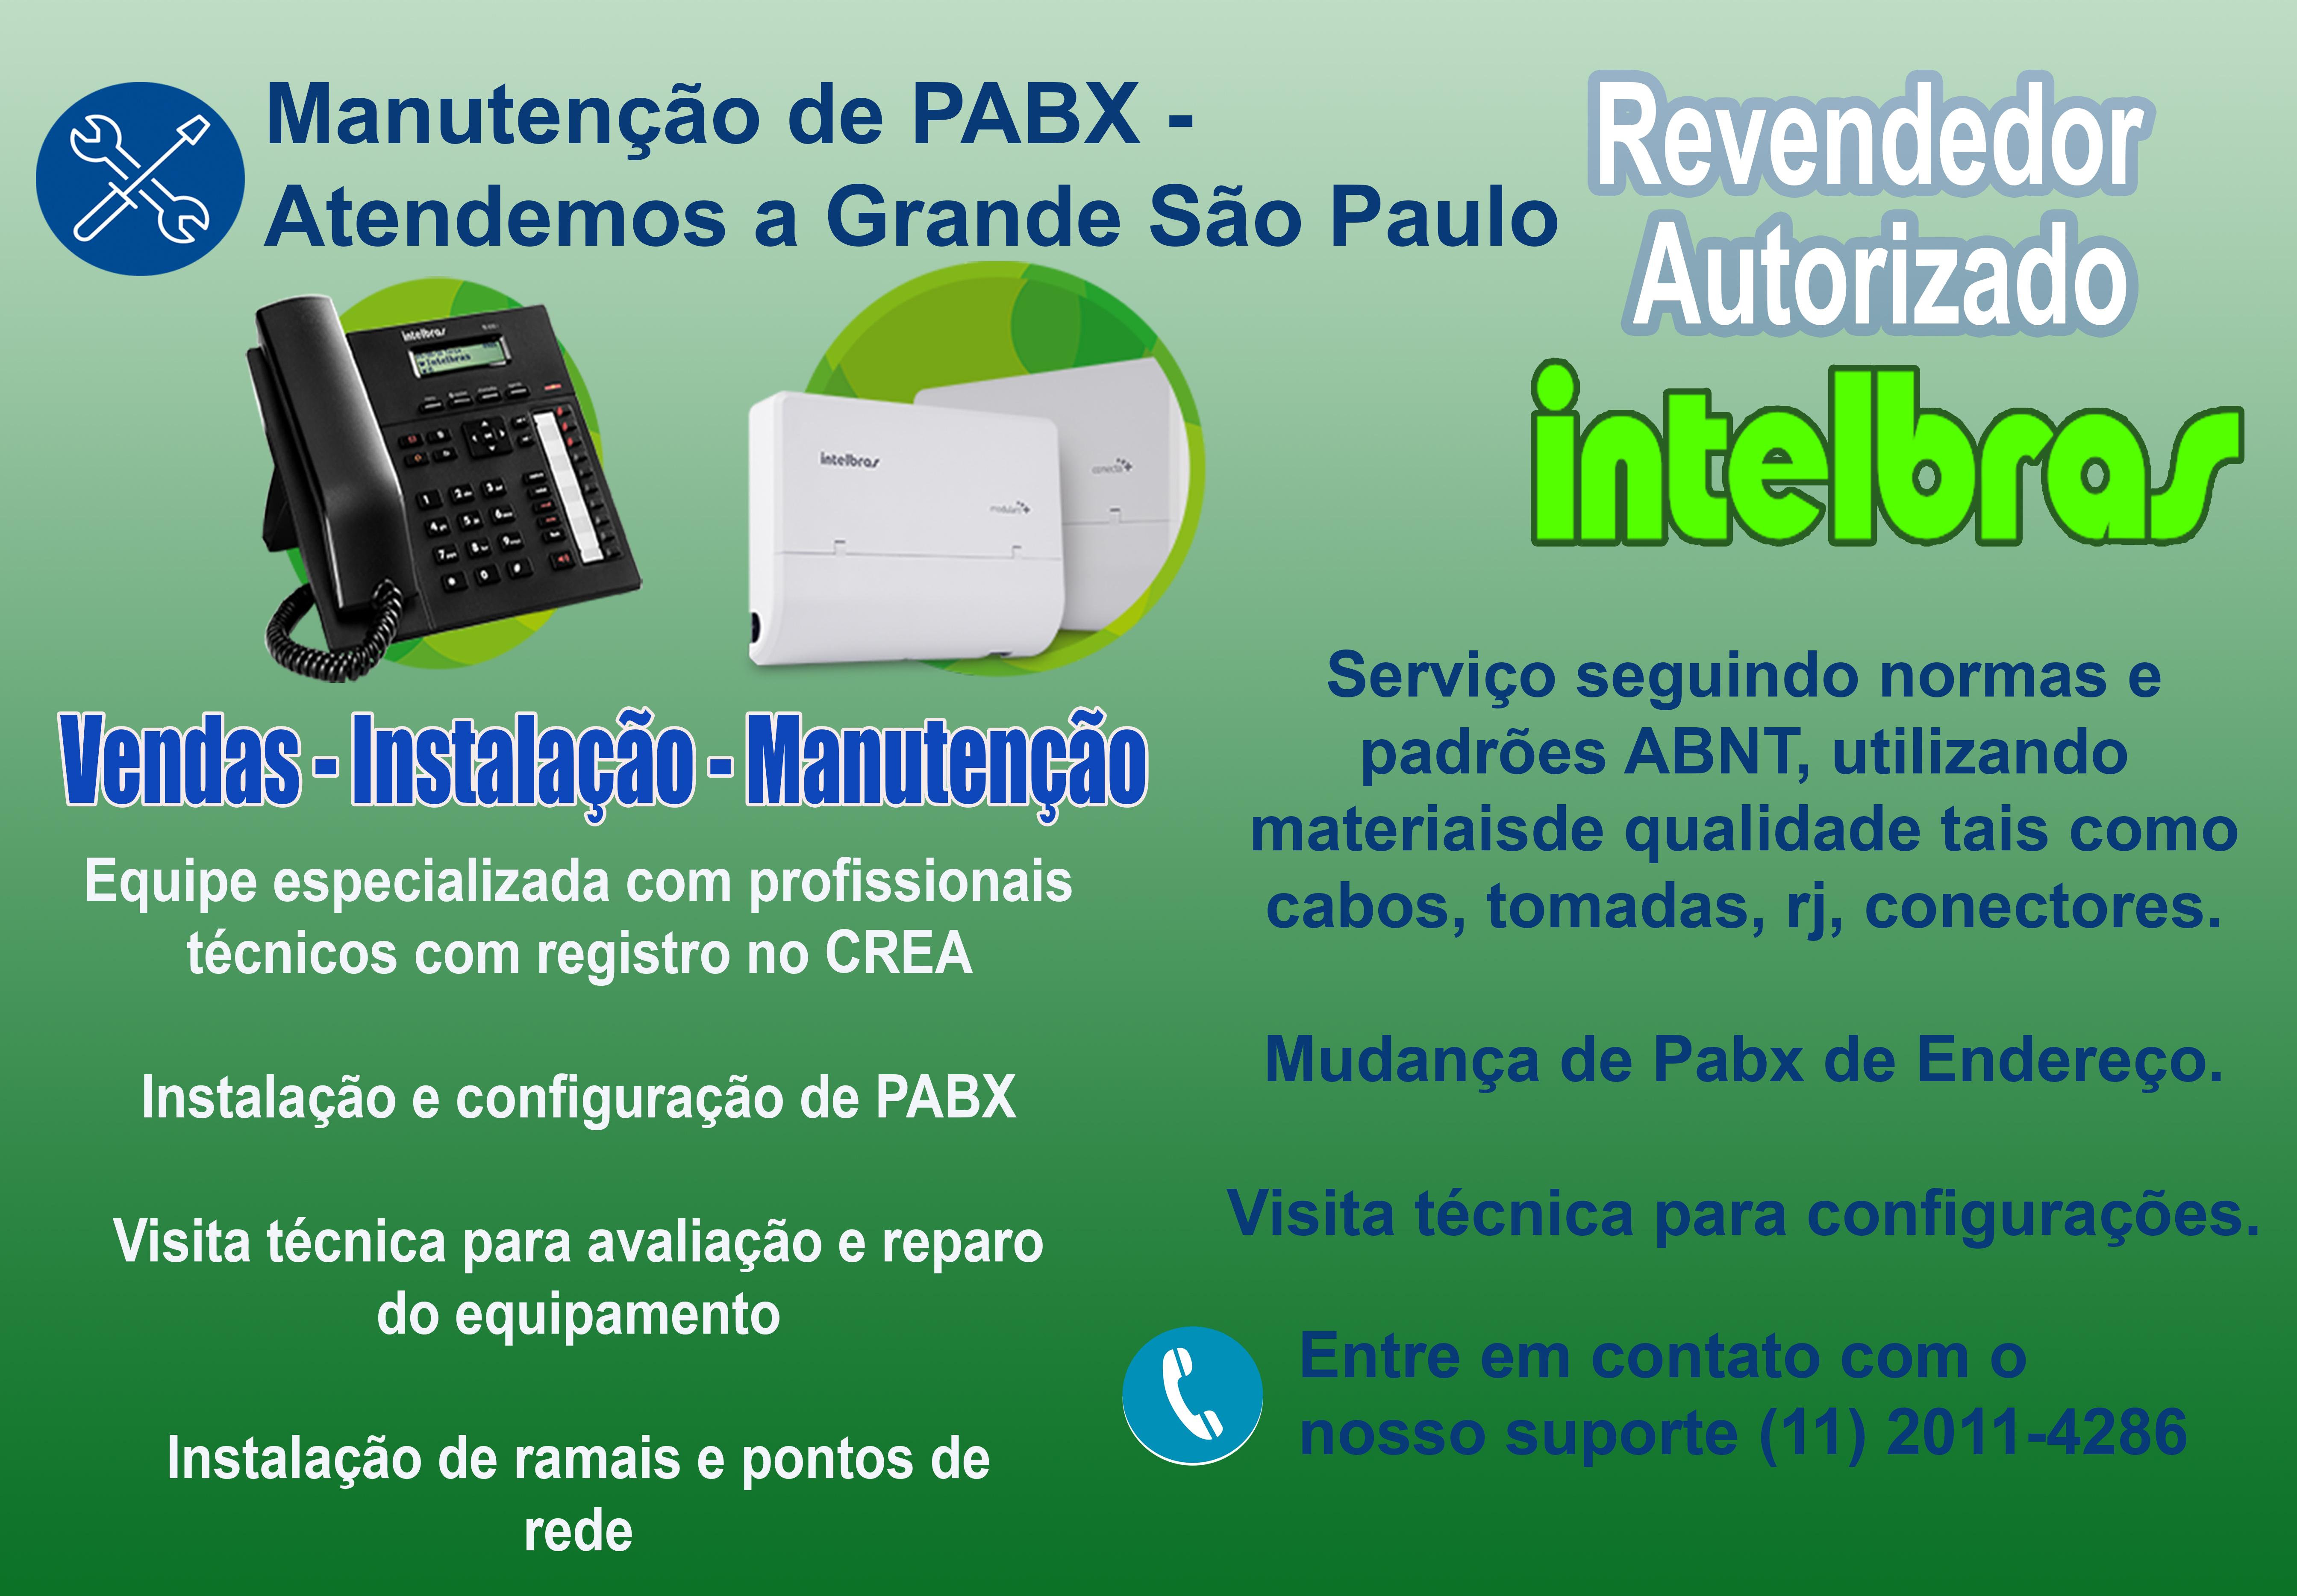 Manutenção de PABX em Rib